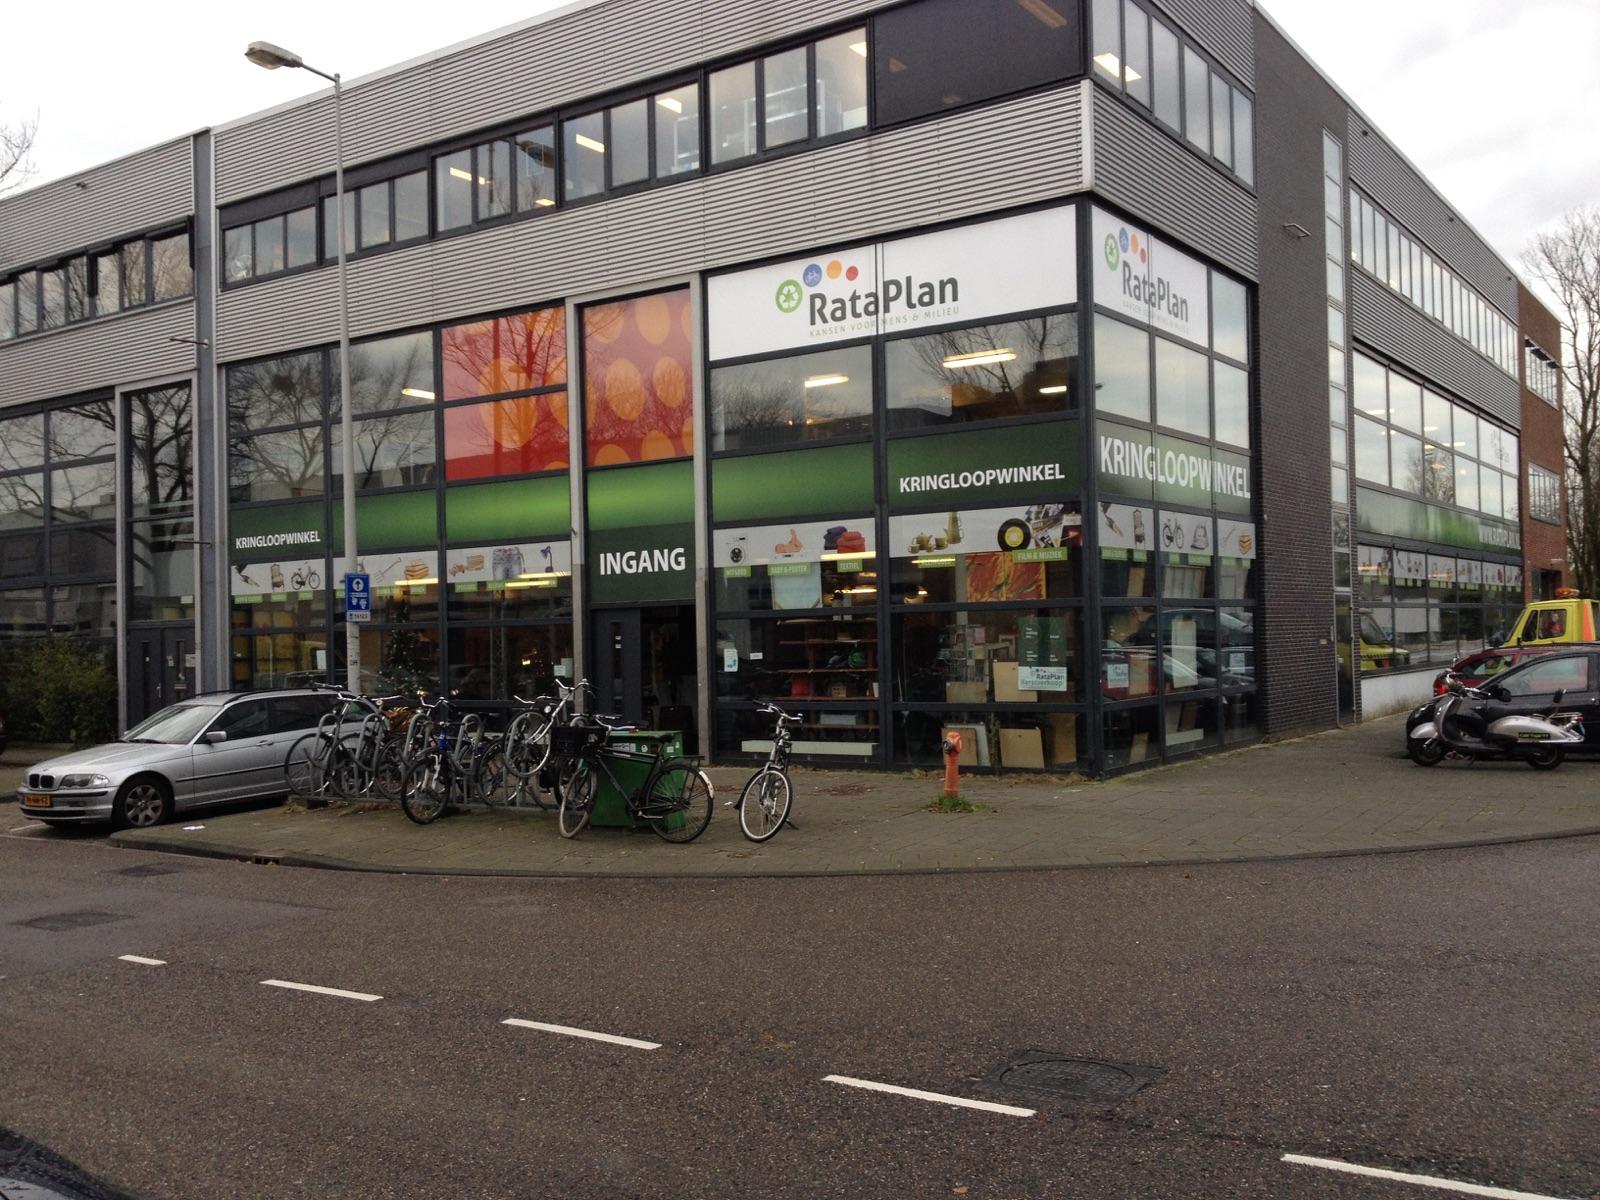 Amsterdam Noord Tweedehands Meubels.Kringloopwinkel Rataplan Van Slingelandtstraat Amsterdam